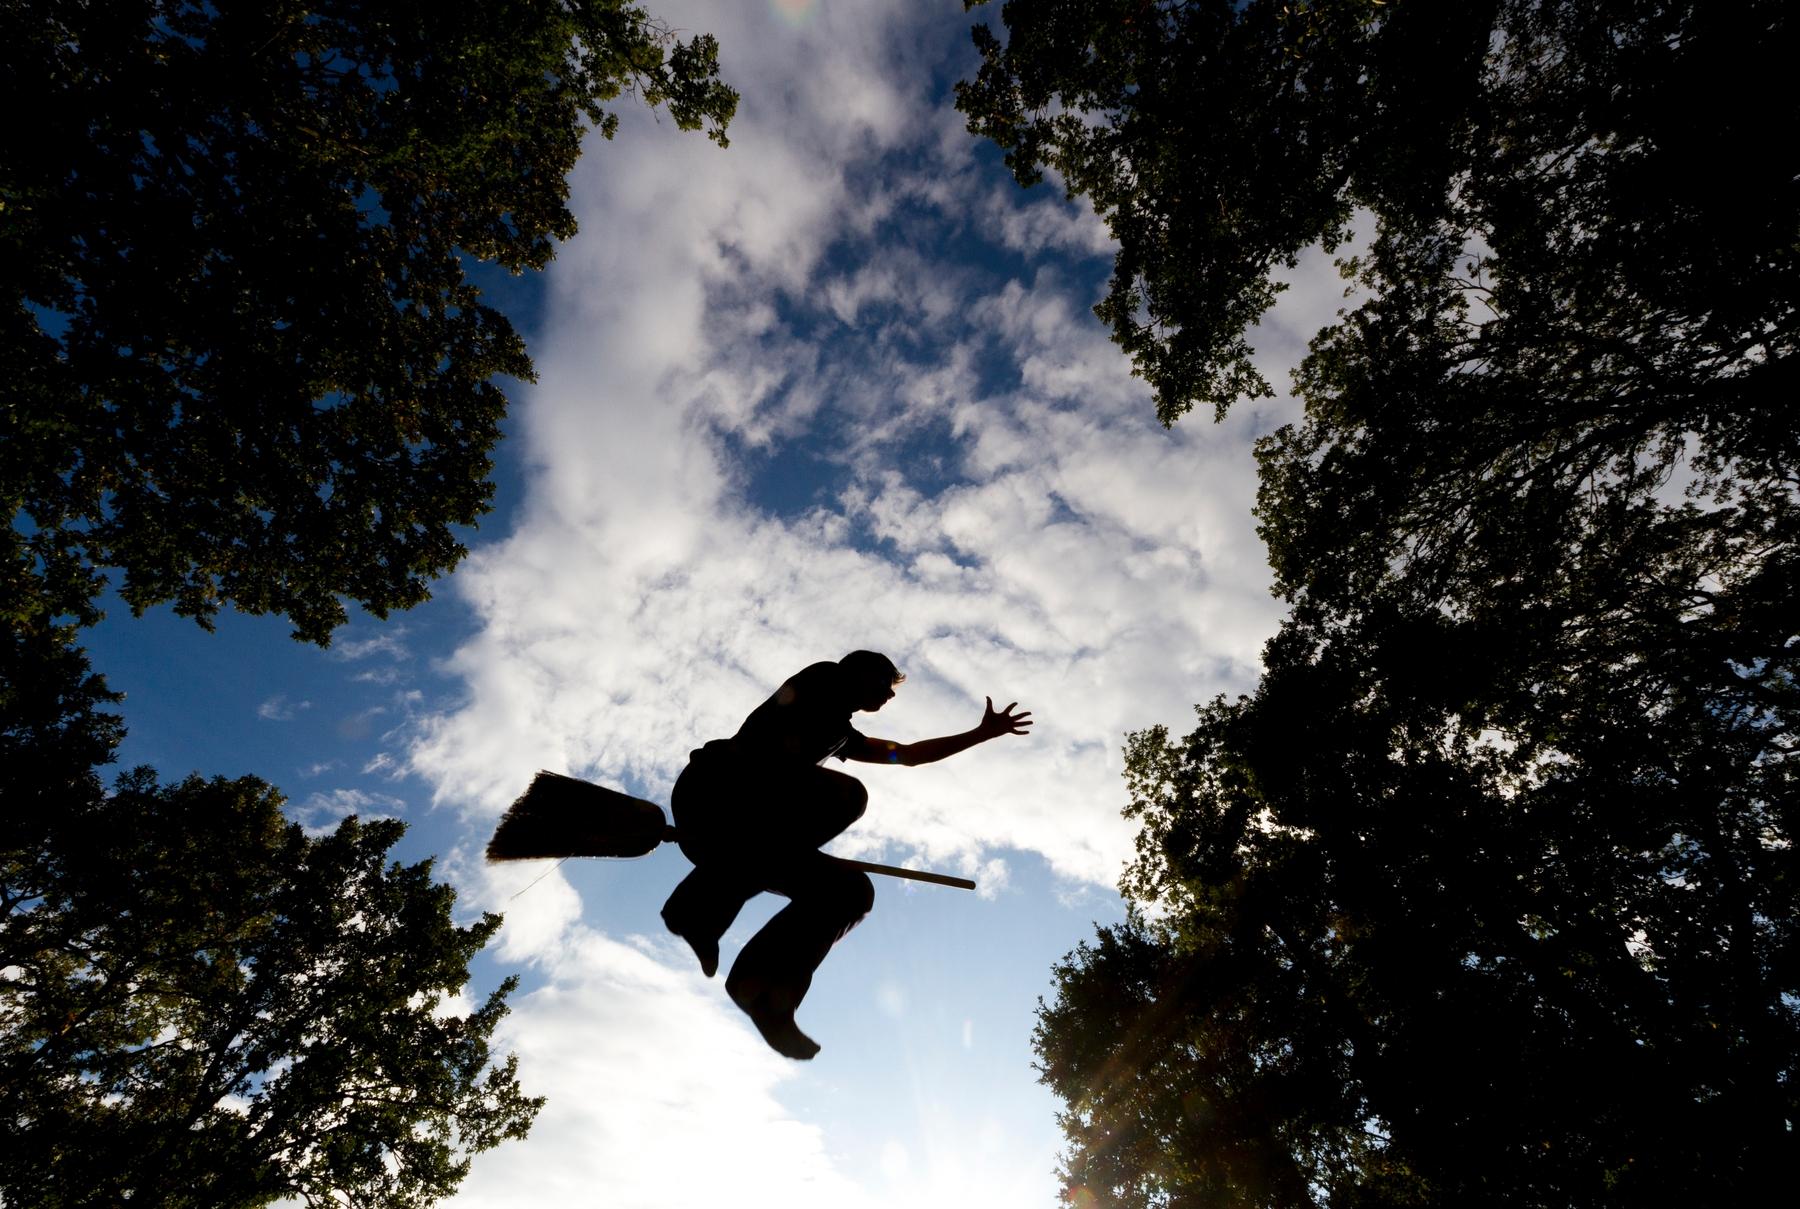 Силуэт человека на летающей метле на фоне неба и деревьев